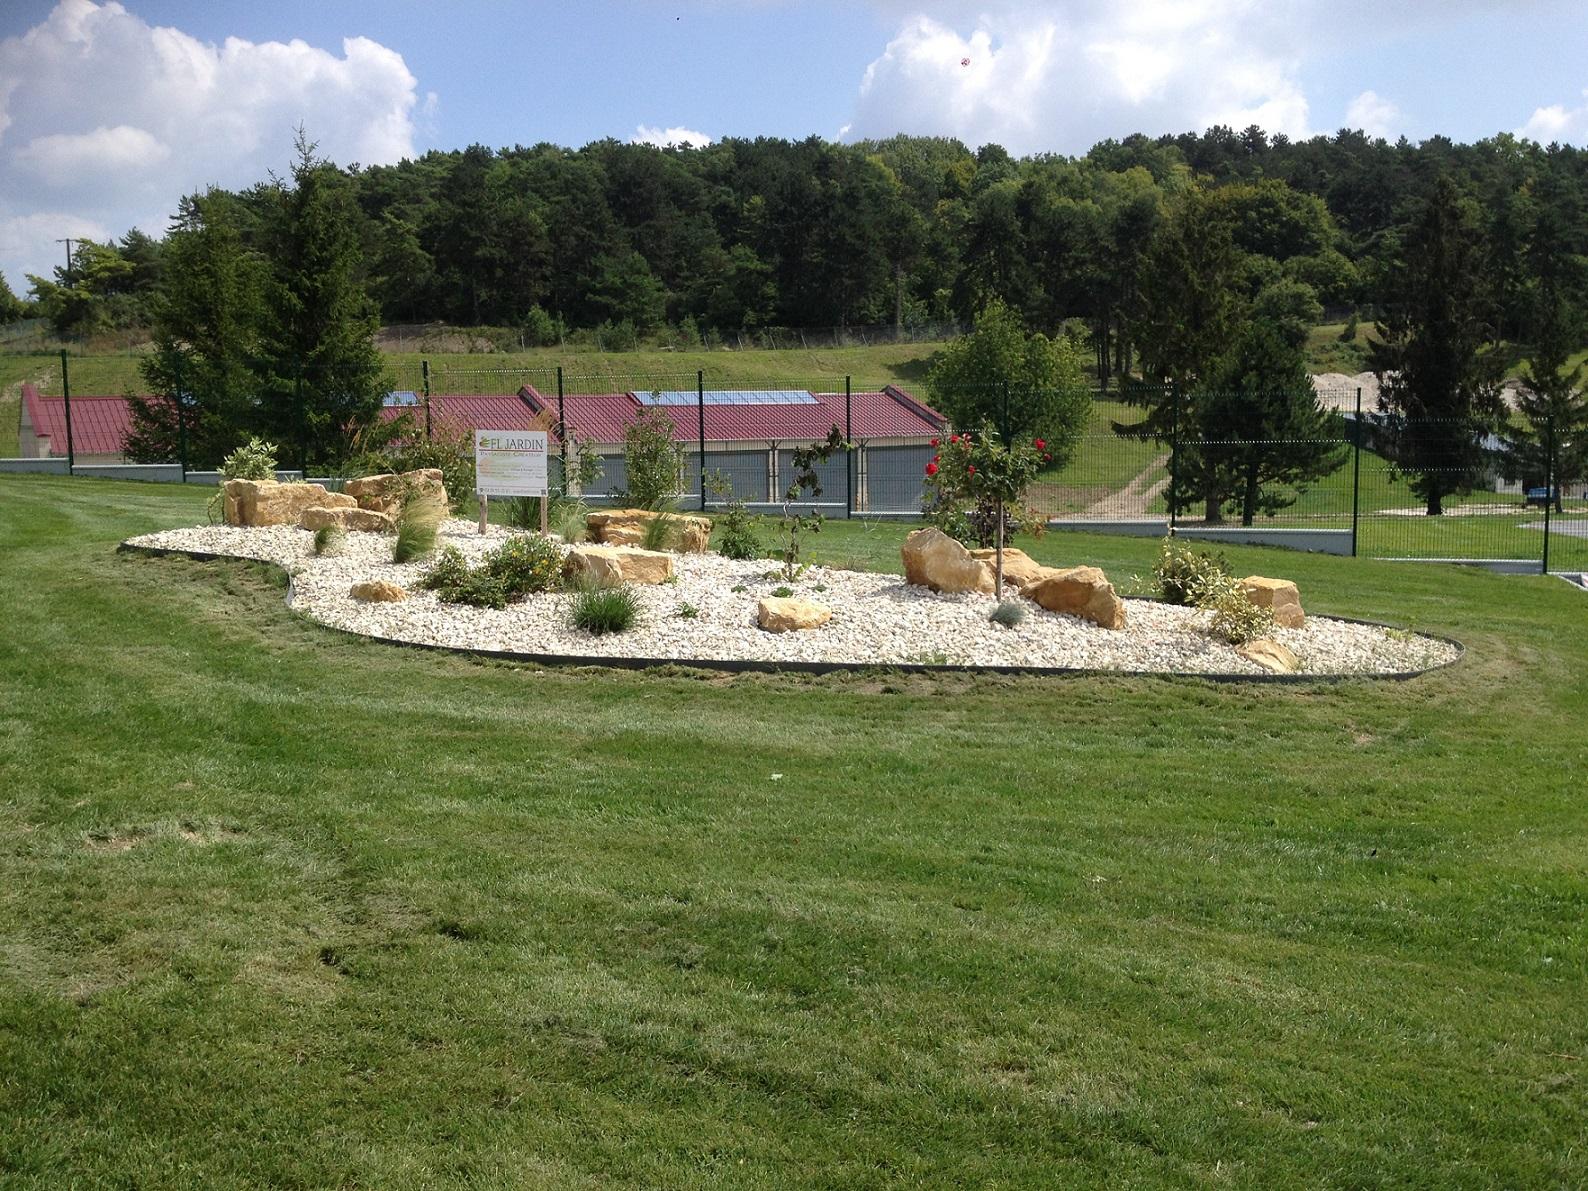 Entretien des espaces verts, aménagement de parcs et jardins pour les sièges sociaux d'entreprises